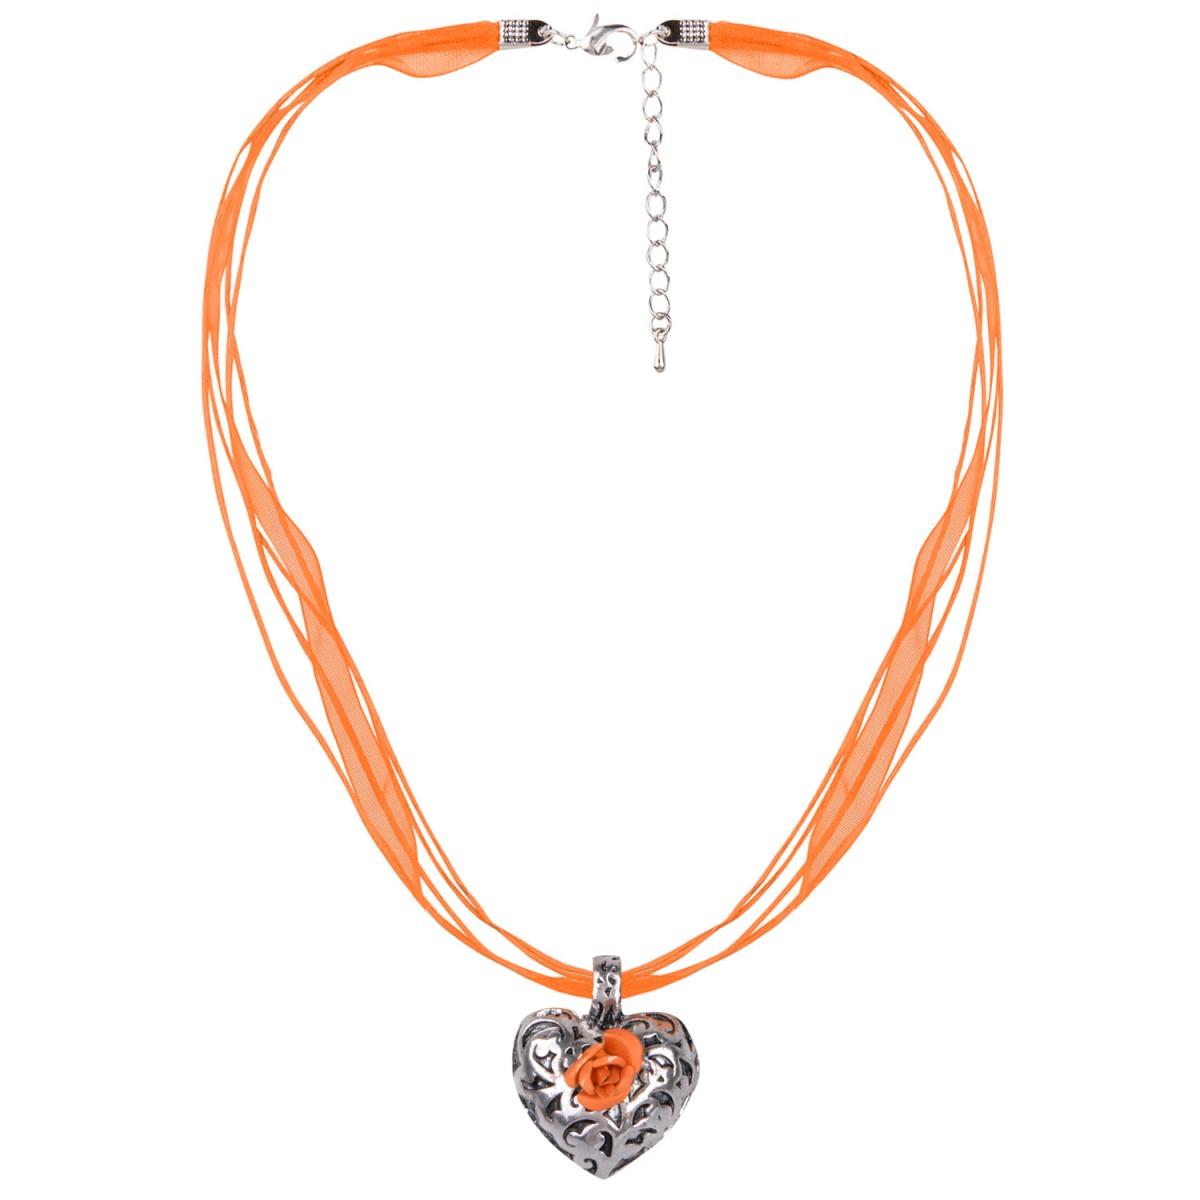 Halskette in Orange mit 4 Bändern und Herzanhänger mit Rosenblüte von Schlick Accessoires günstig online kaufen